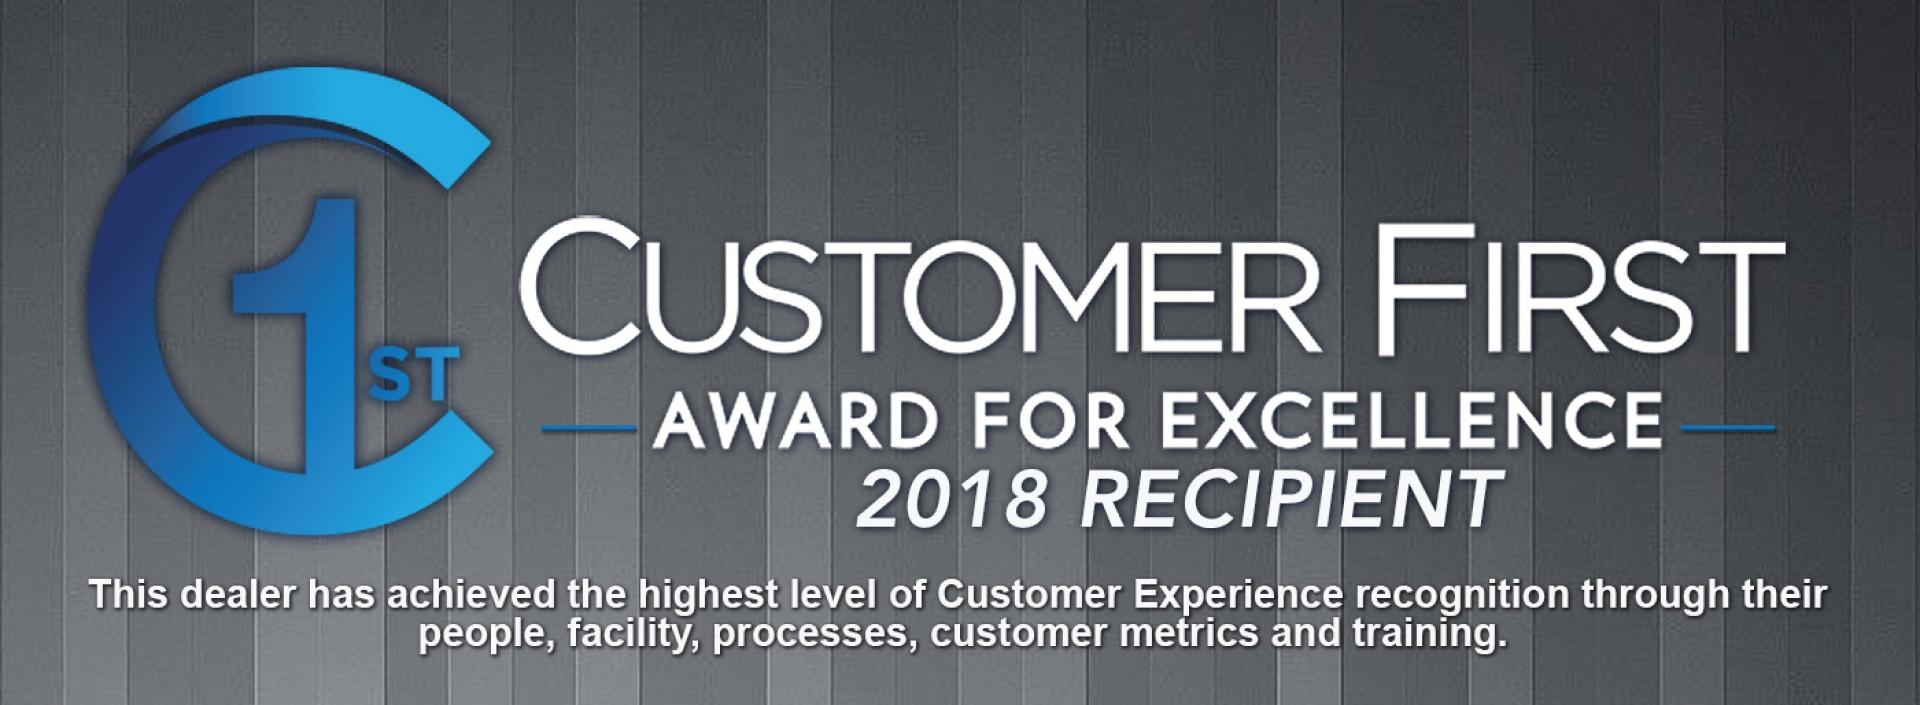 2018 Customer First Award